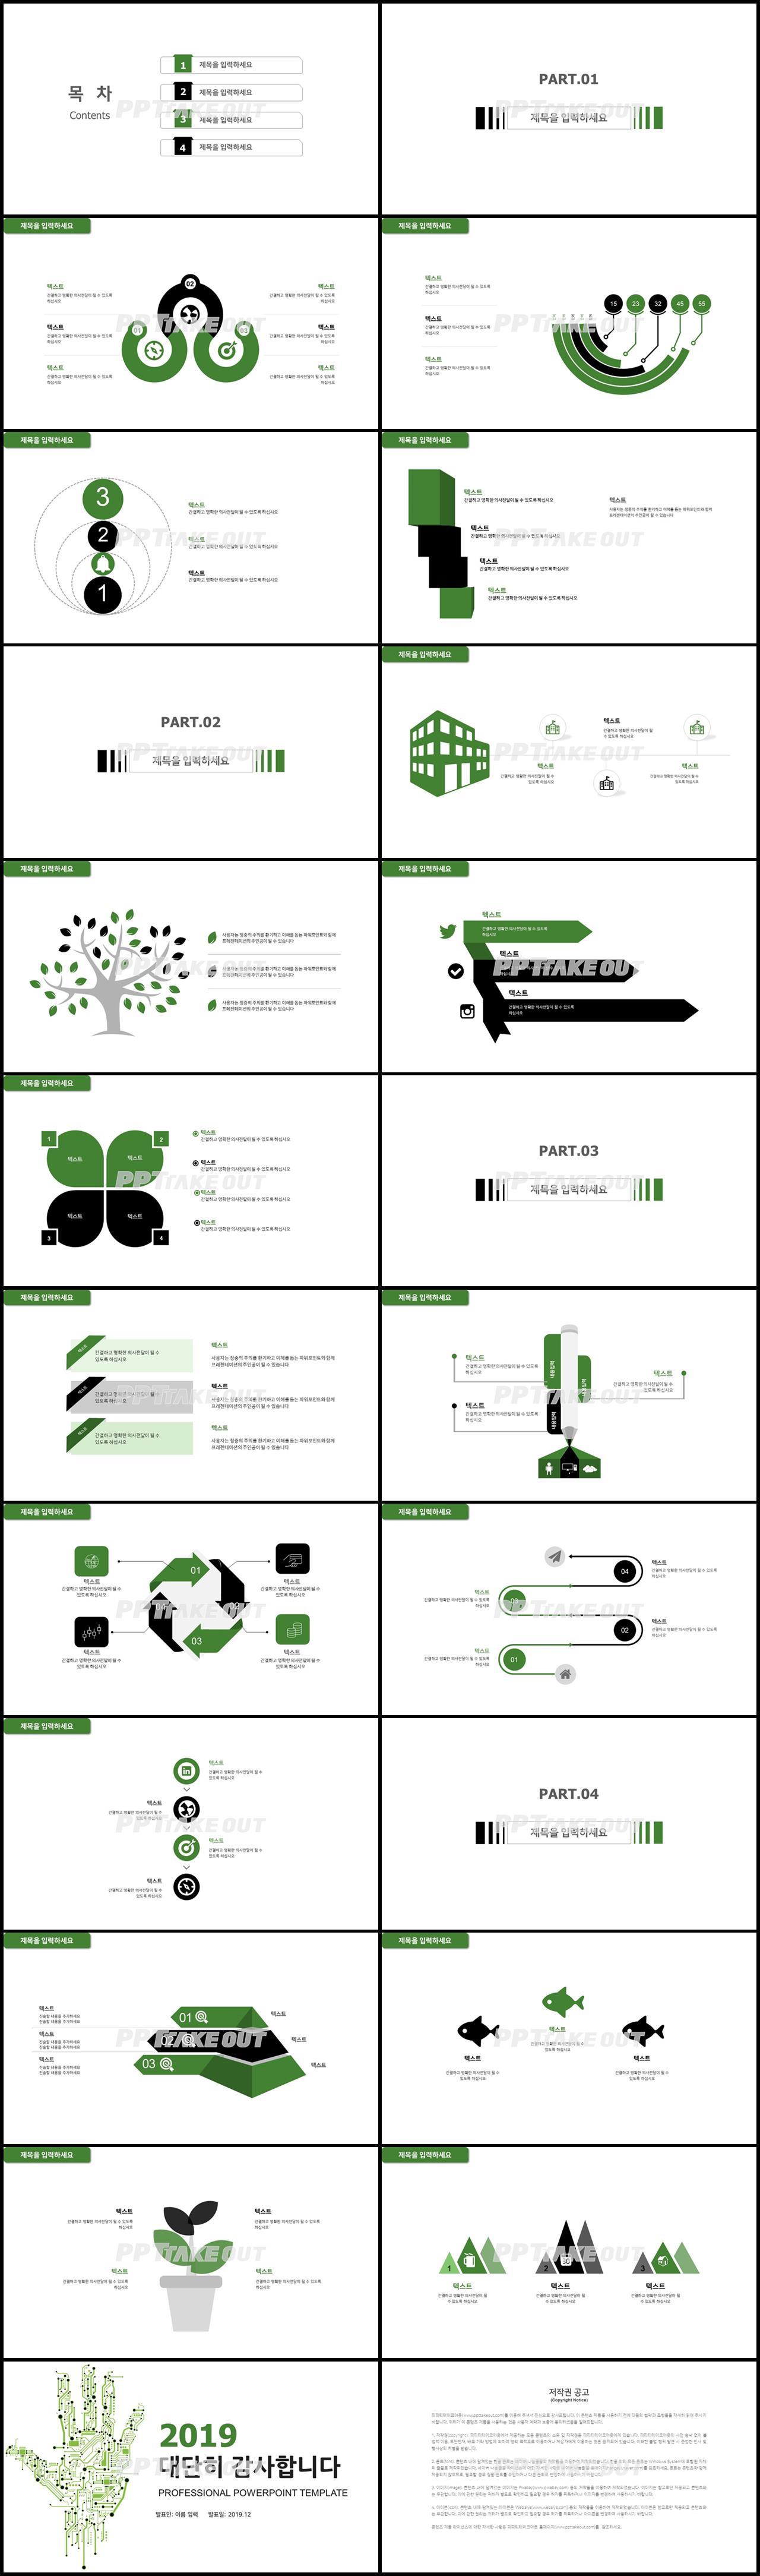 비즈니스 초록색 정결한 다양한 주제에 어울리는 파워포인트템플릿 디자인 상세보기